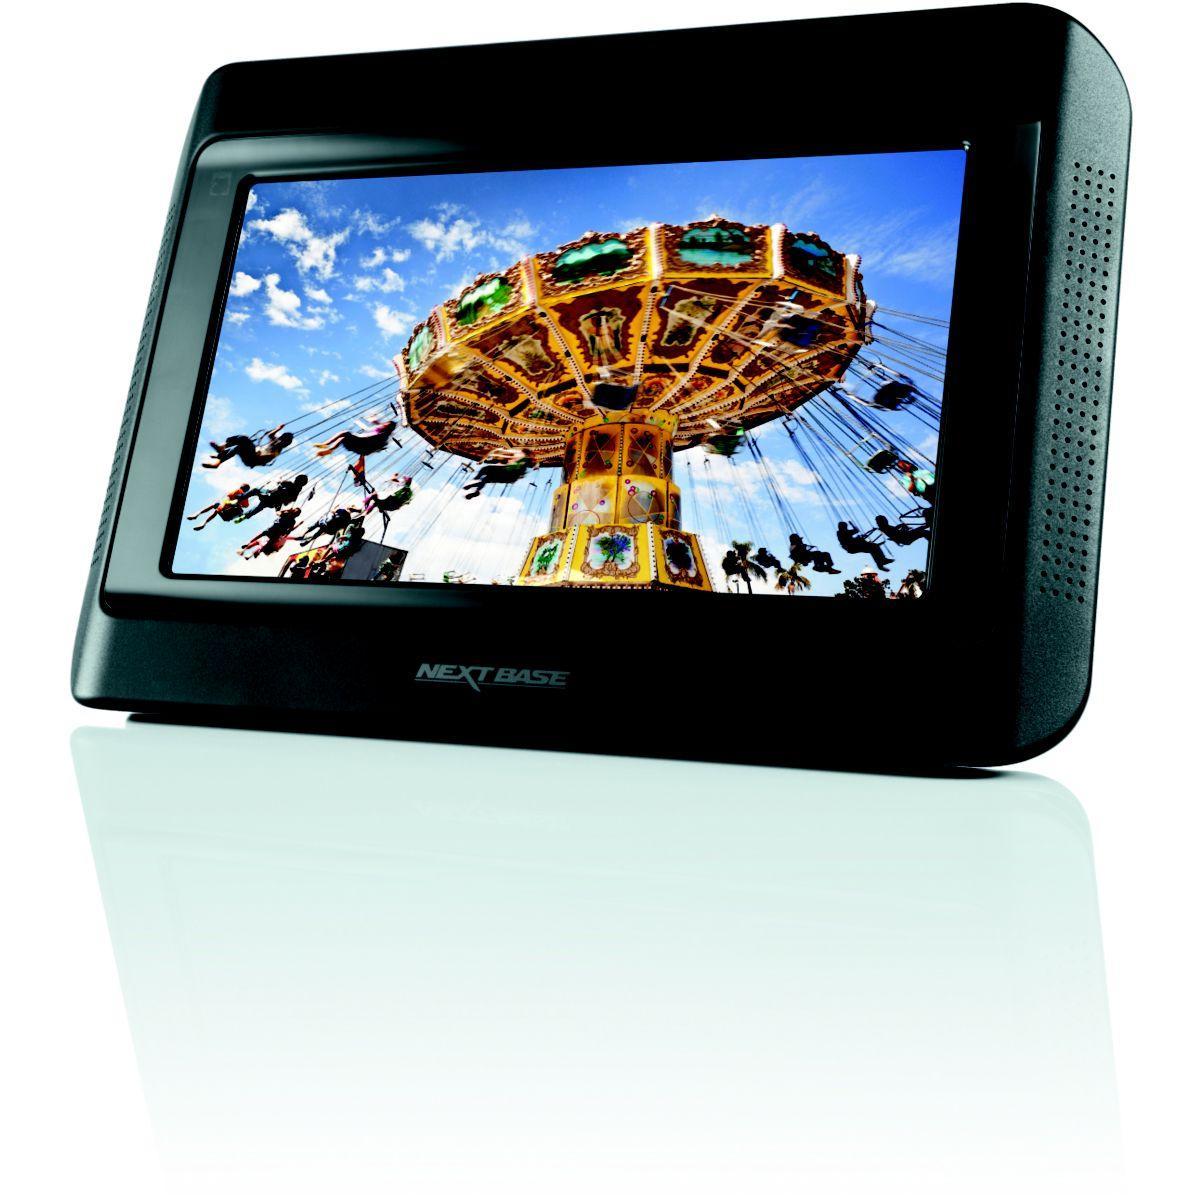 Lecteur dvd portable next base next 9 lite uno - 2% de remise ...